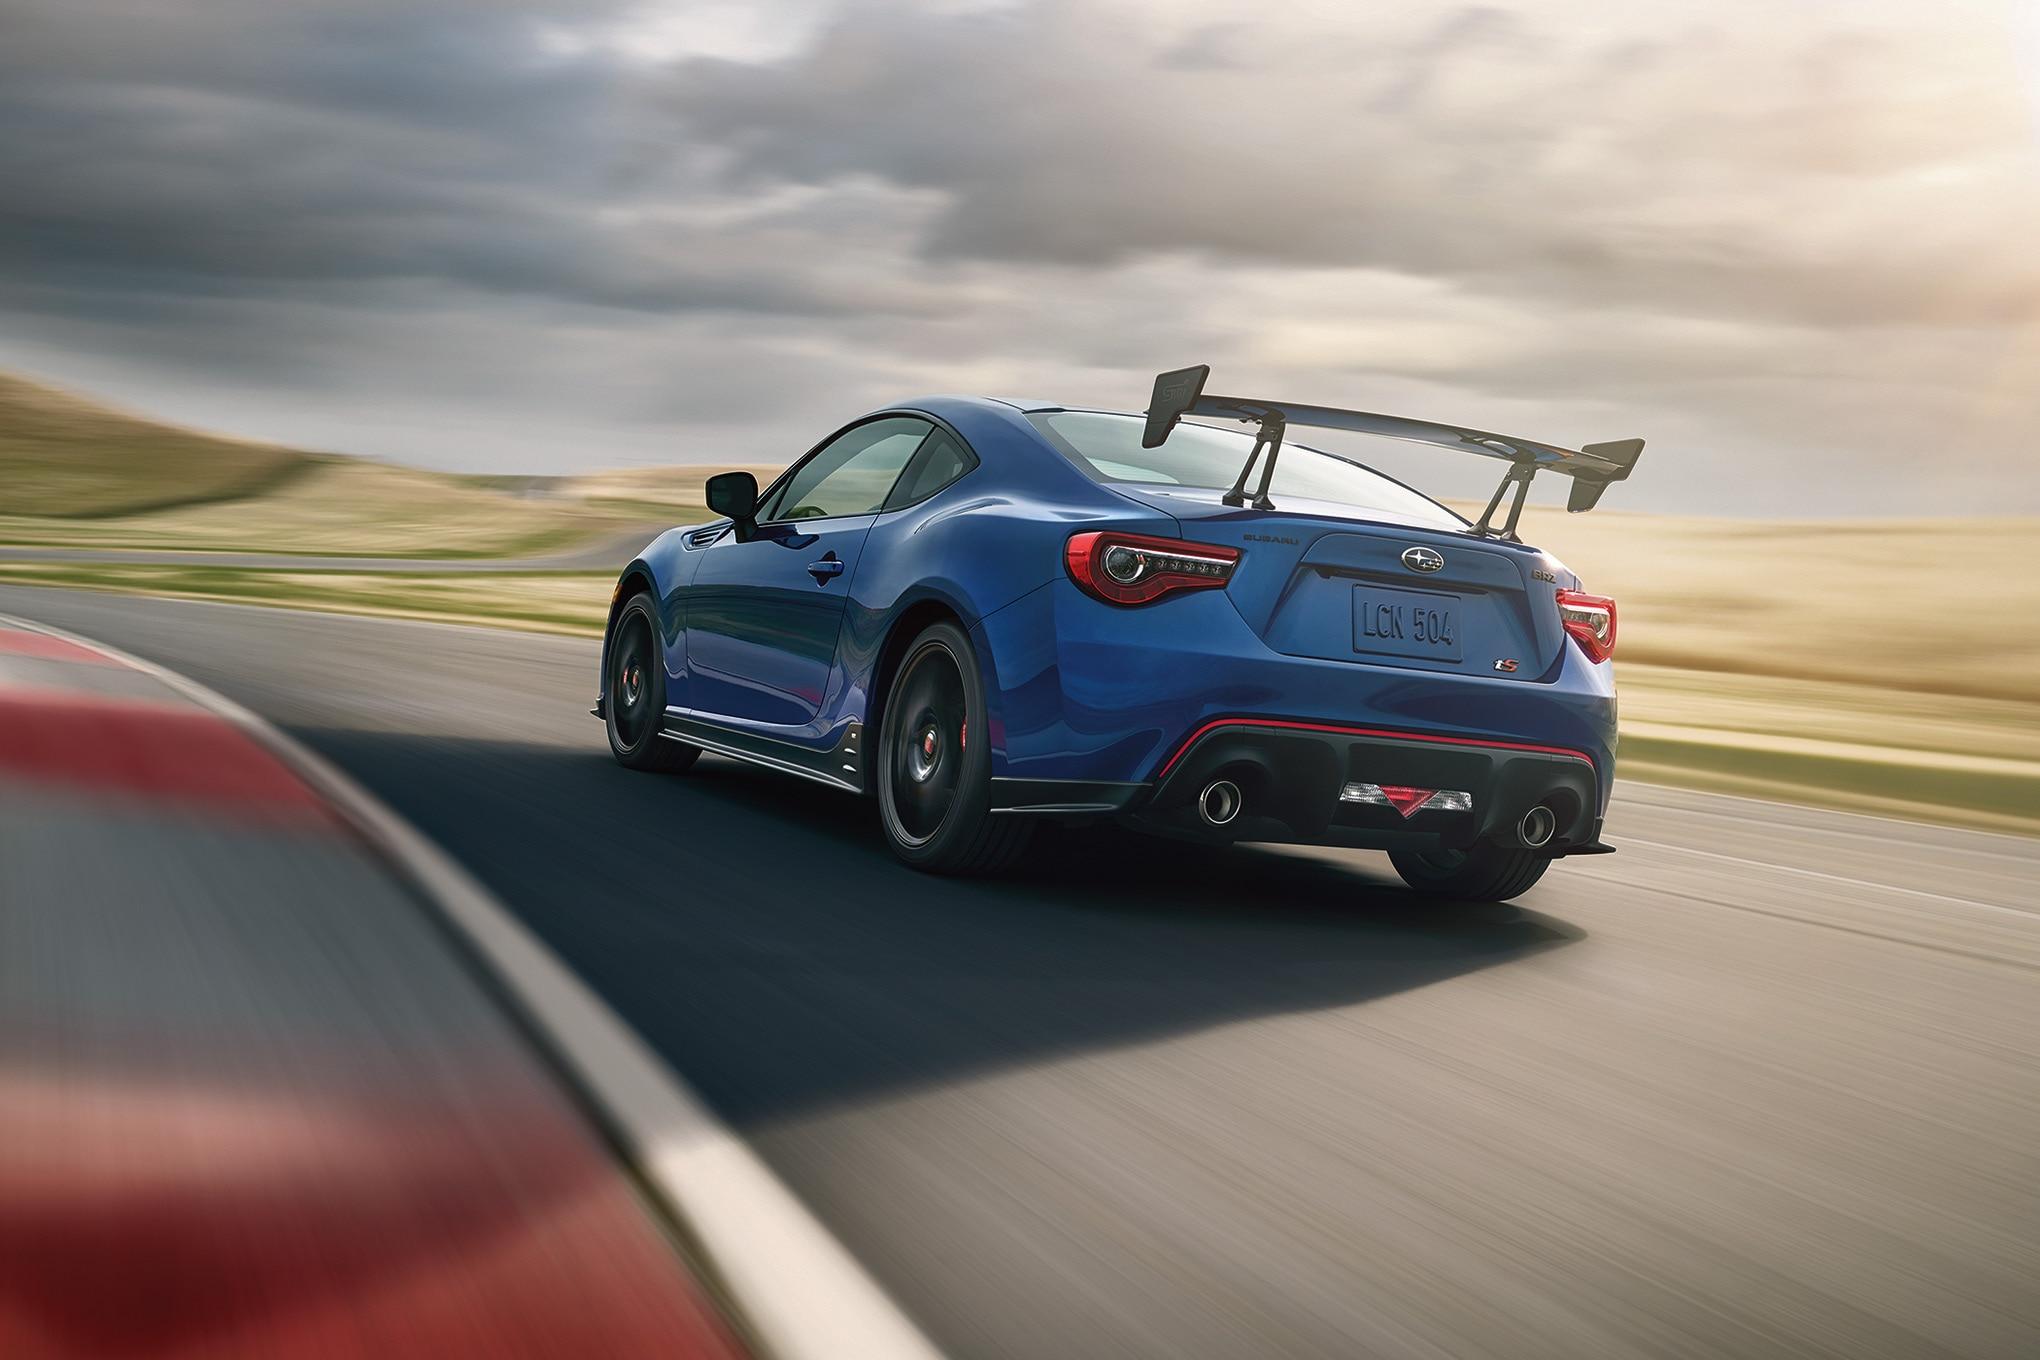 Subaru Ups Performance Envelope With 2018 WRX STI Type RA ...